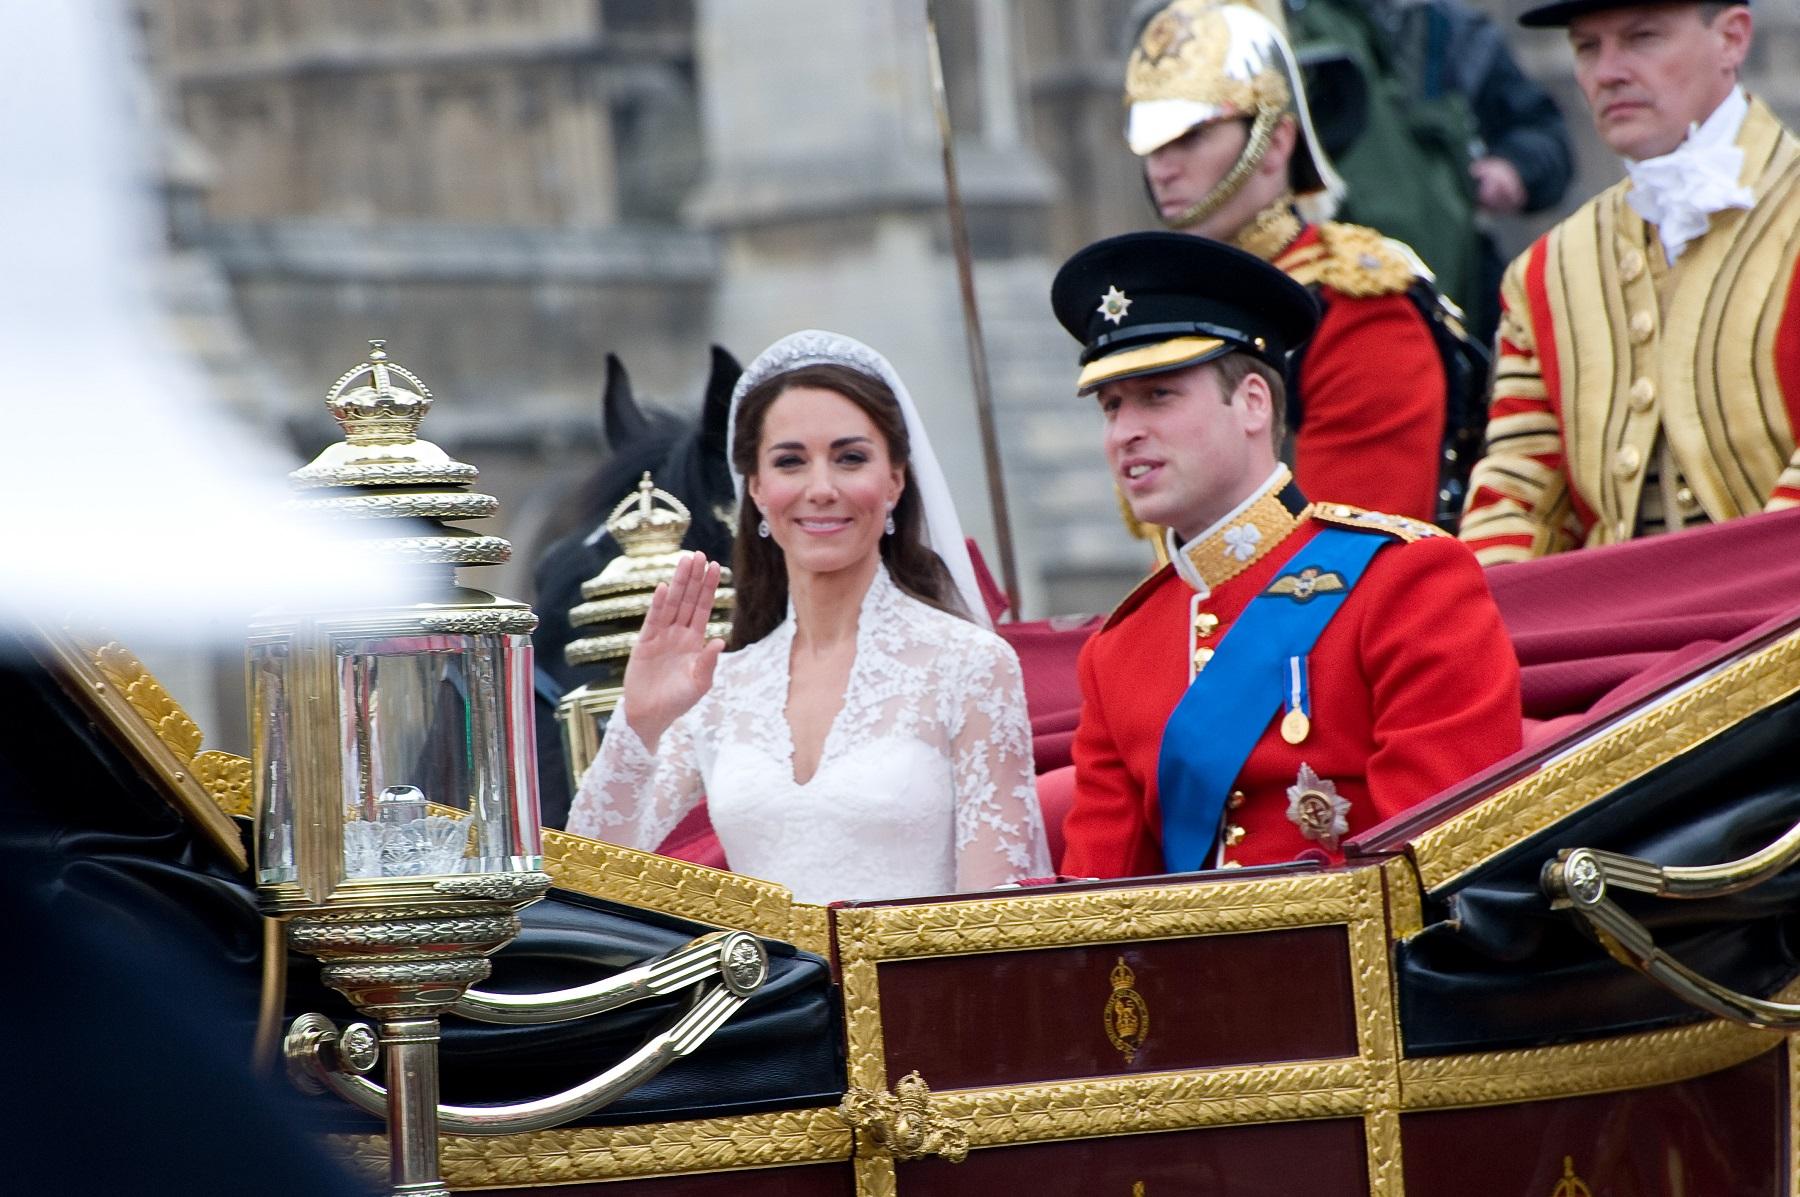 Königliche Brautkleider: Kate Middleton in ihrem wunderschönen Spitzenkleid neben William